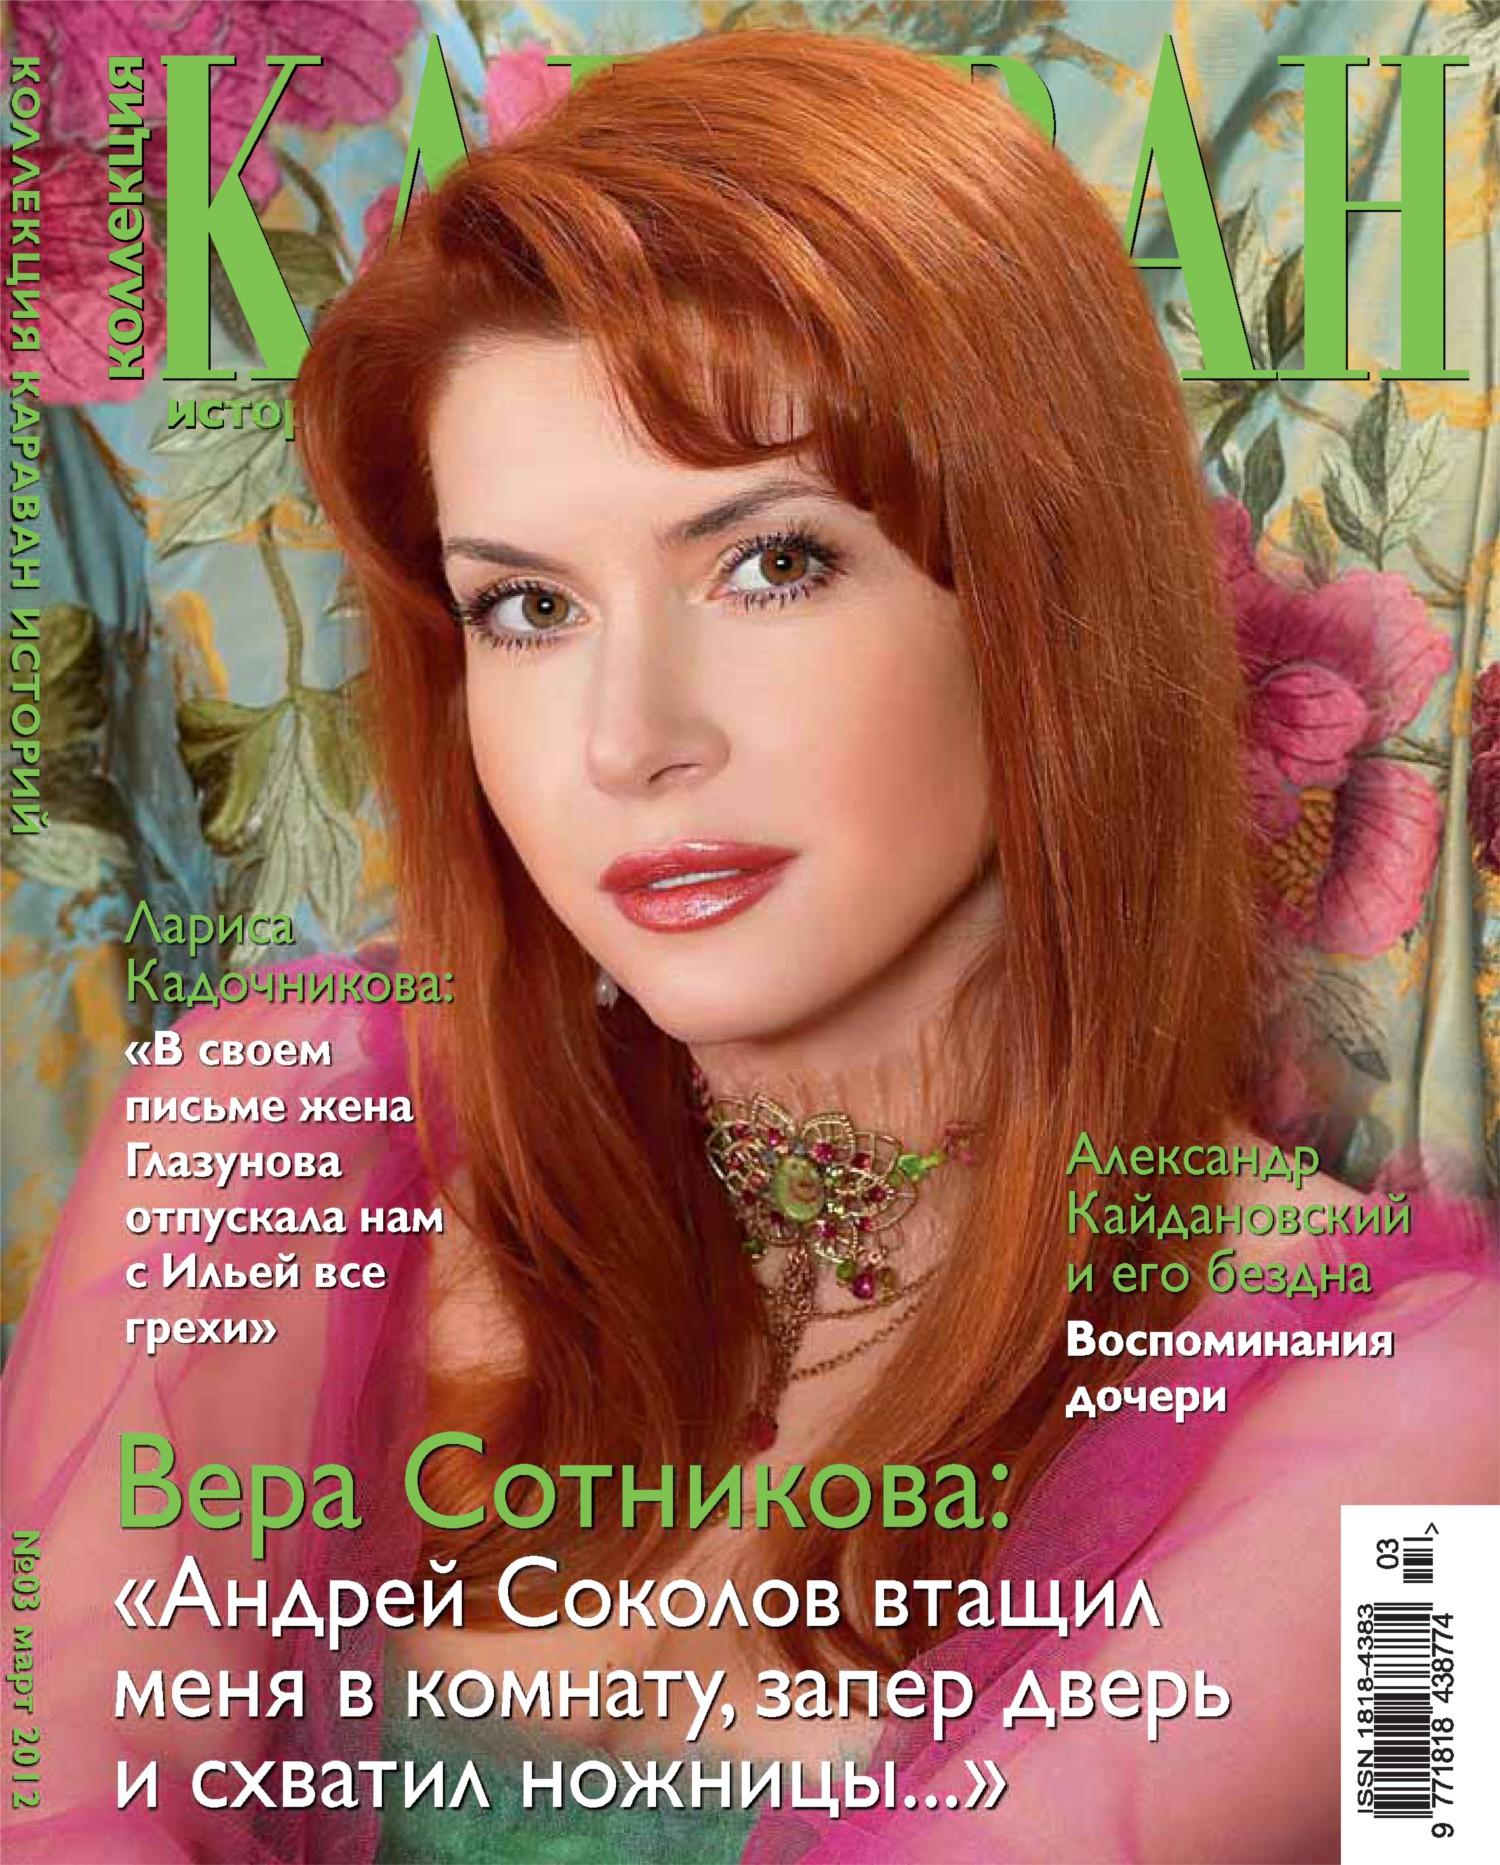 Отсутствует Коллекция Караван историй №03 / март 2012 отсутствует коллекция караван историй 04 апрель 2012